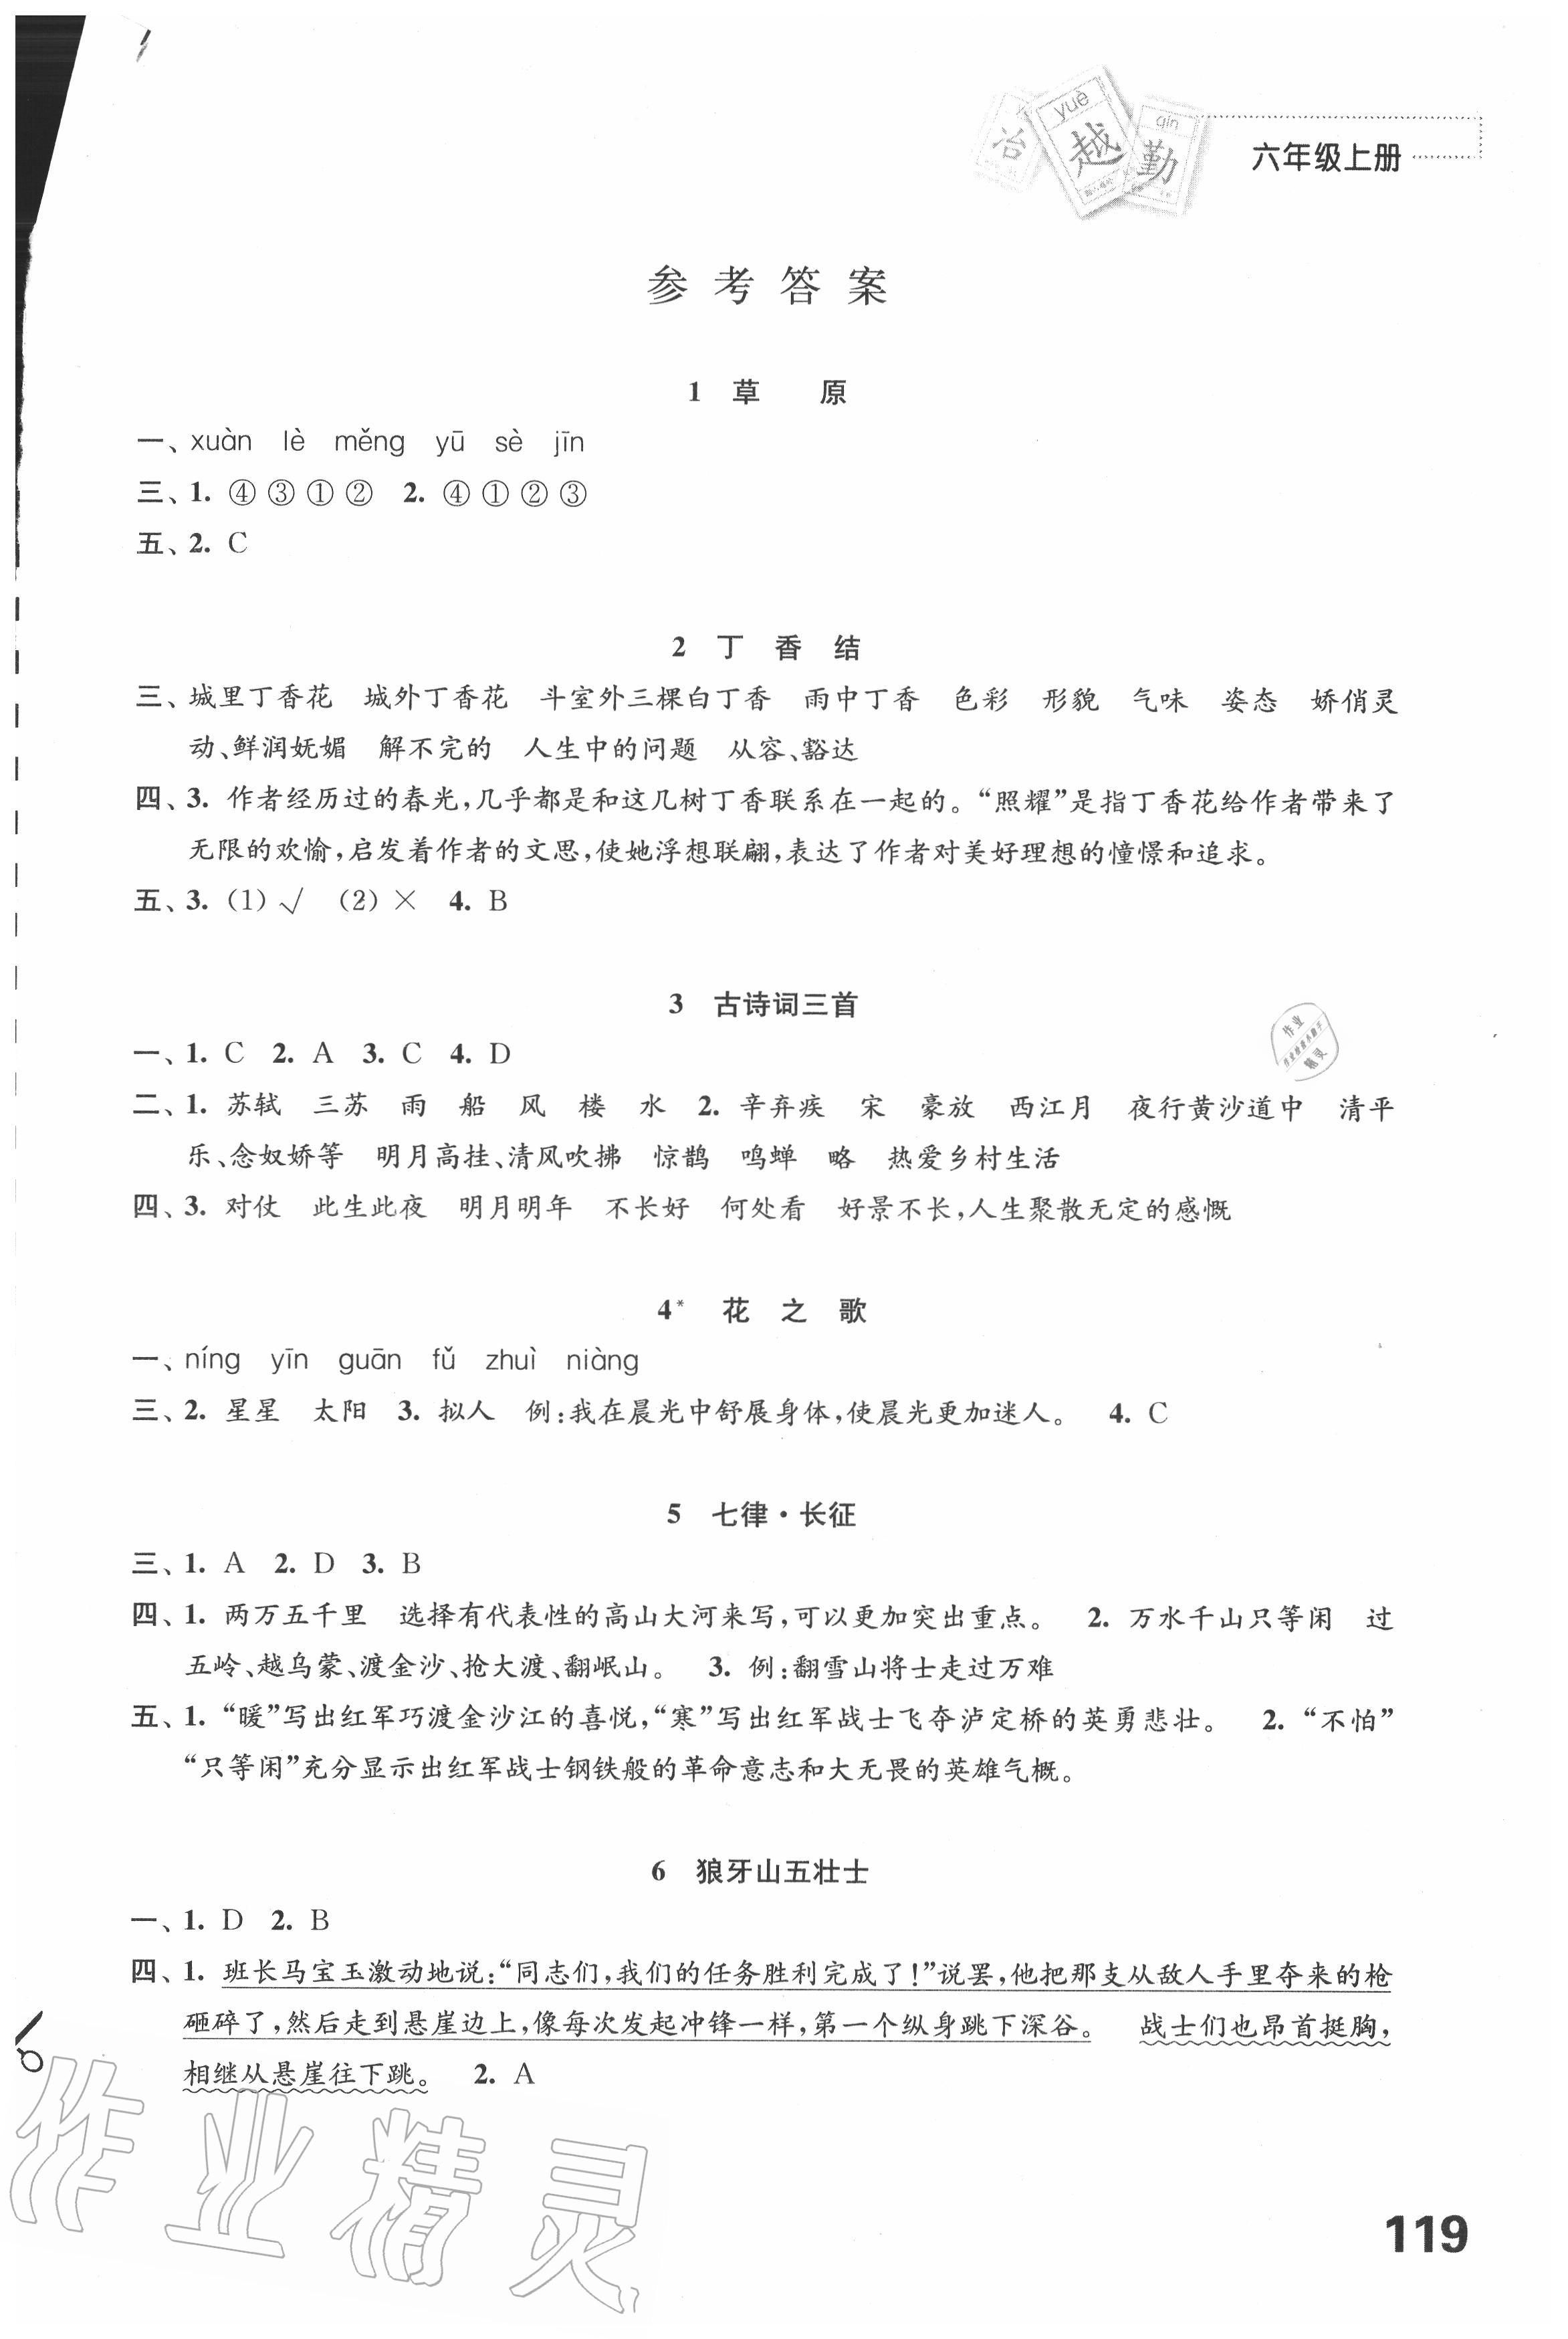 2020年練習與測試小學語文六年級上冊人教版第1頁